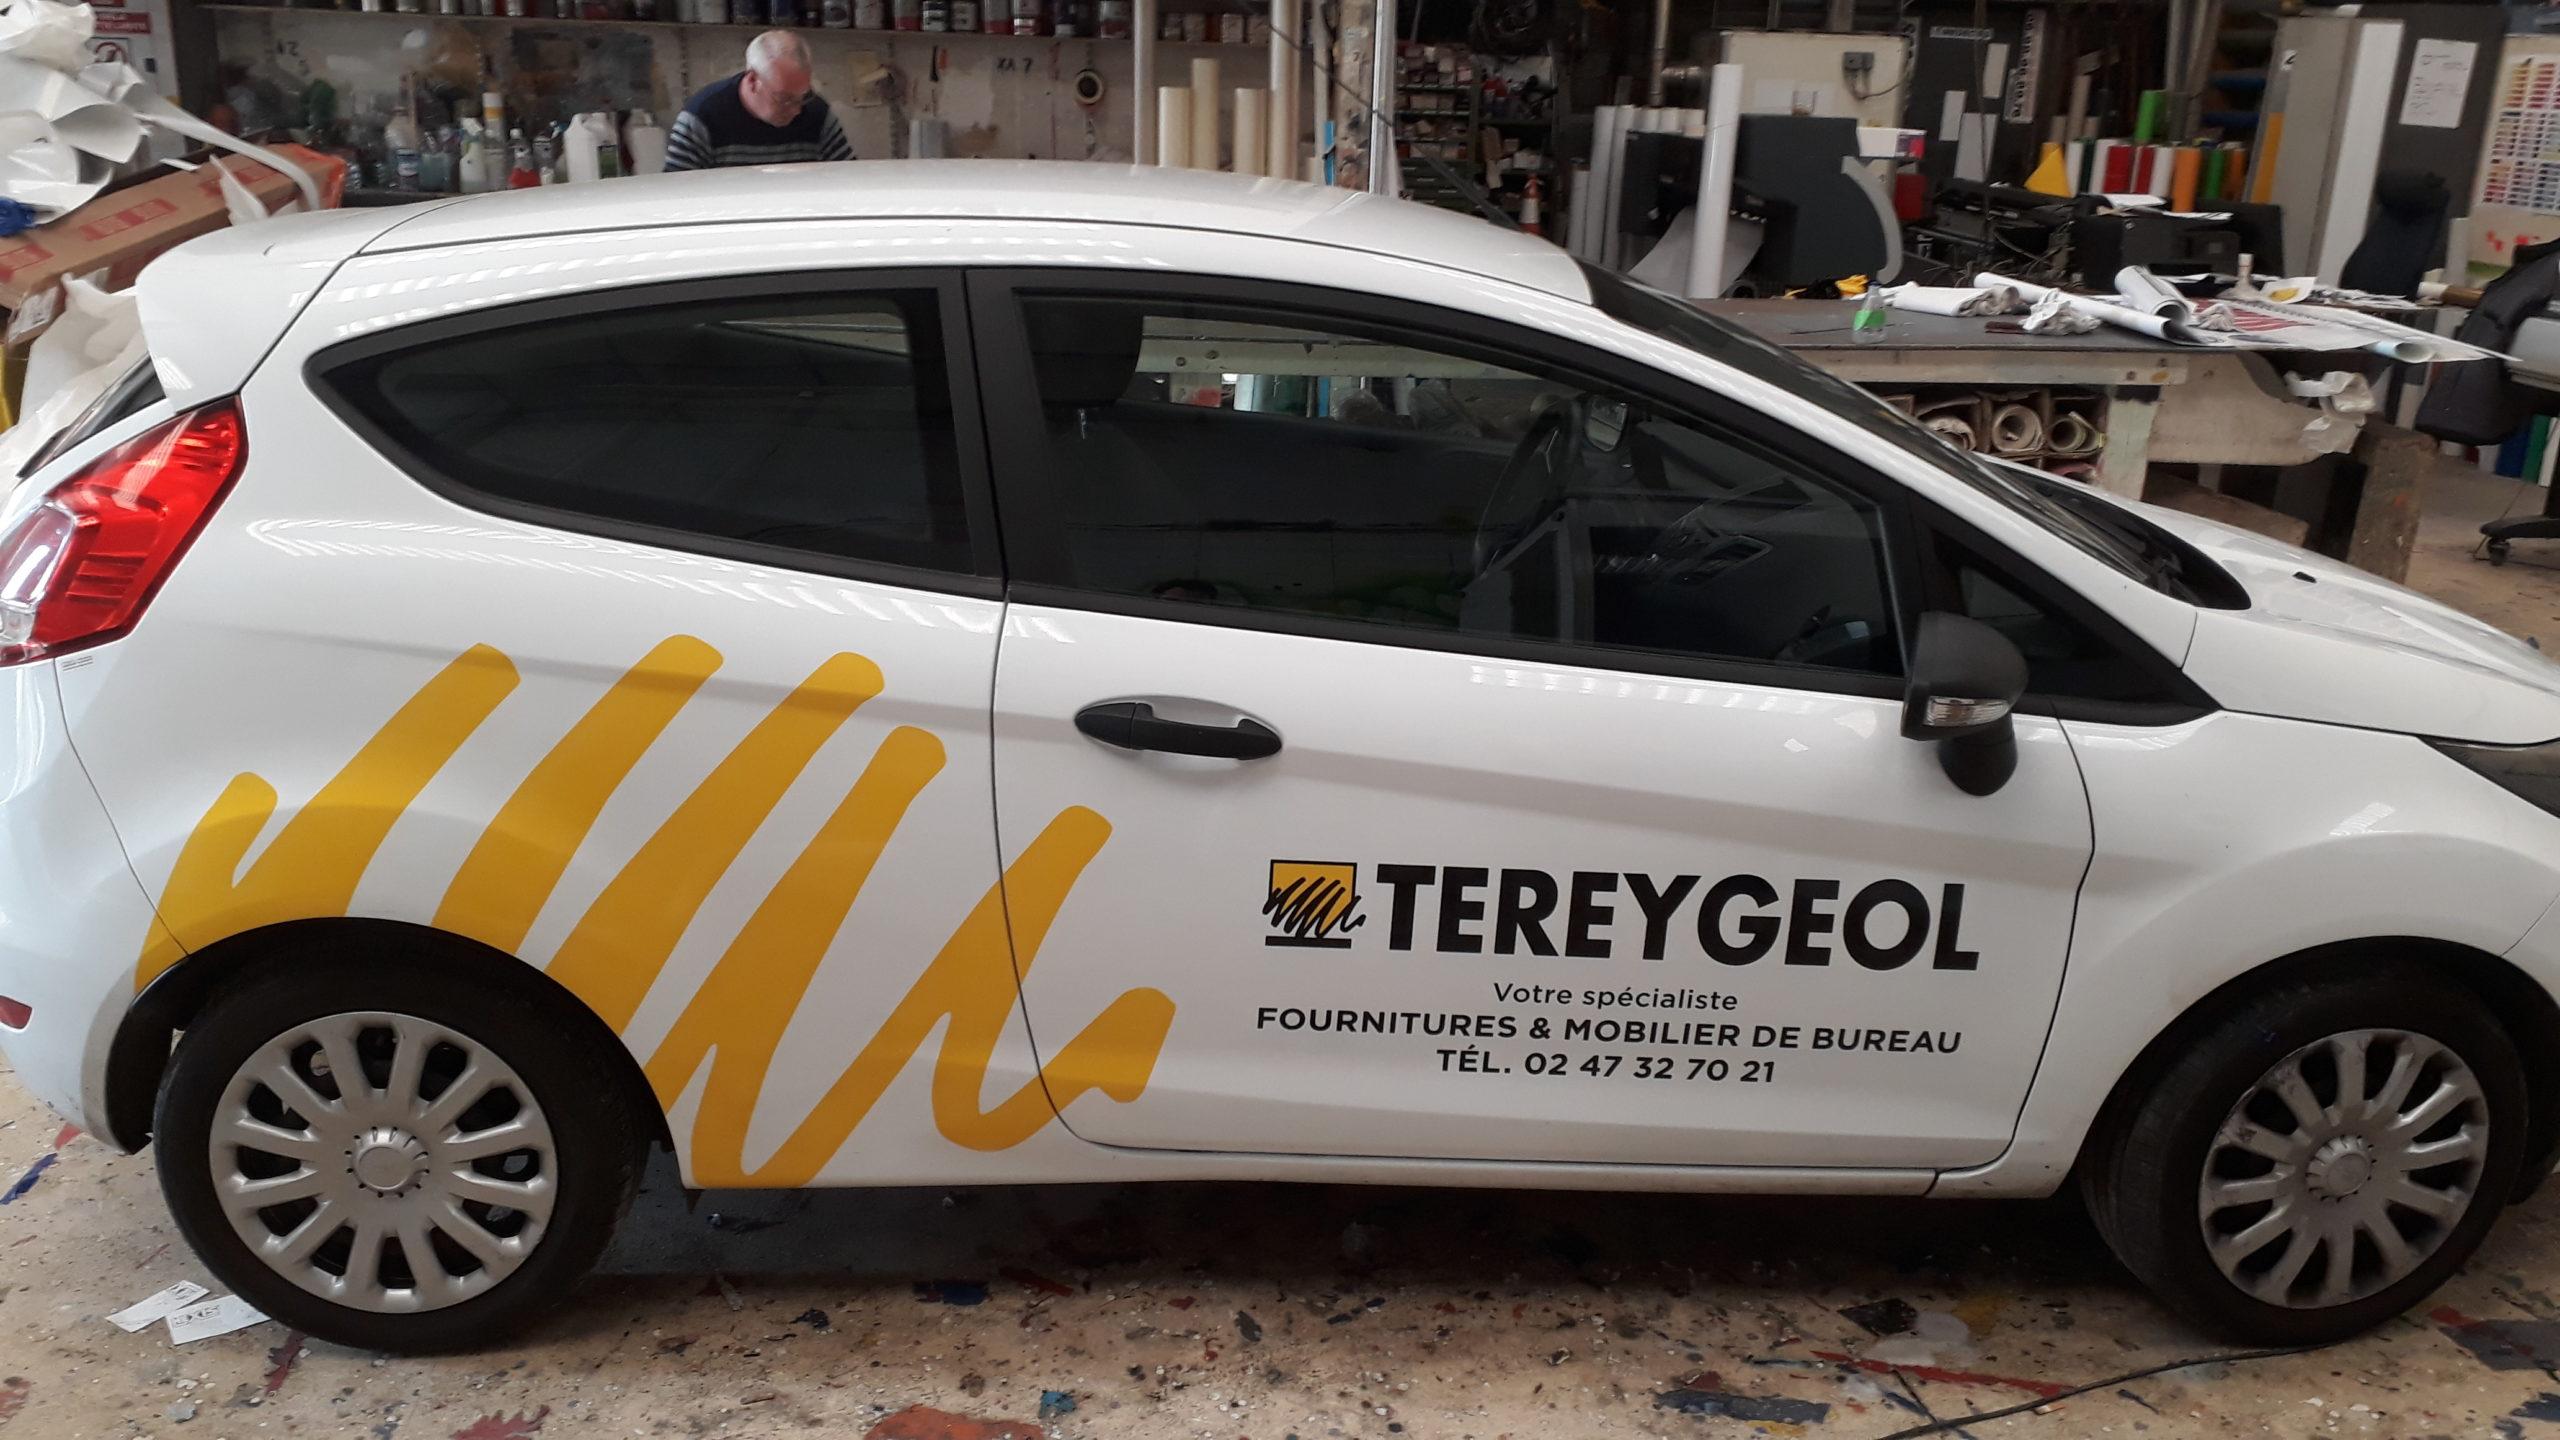 Tereygeol